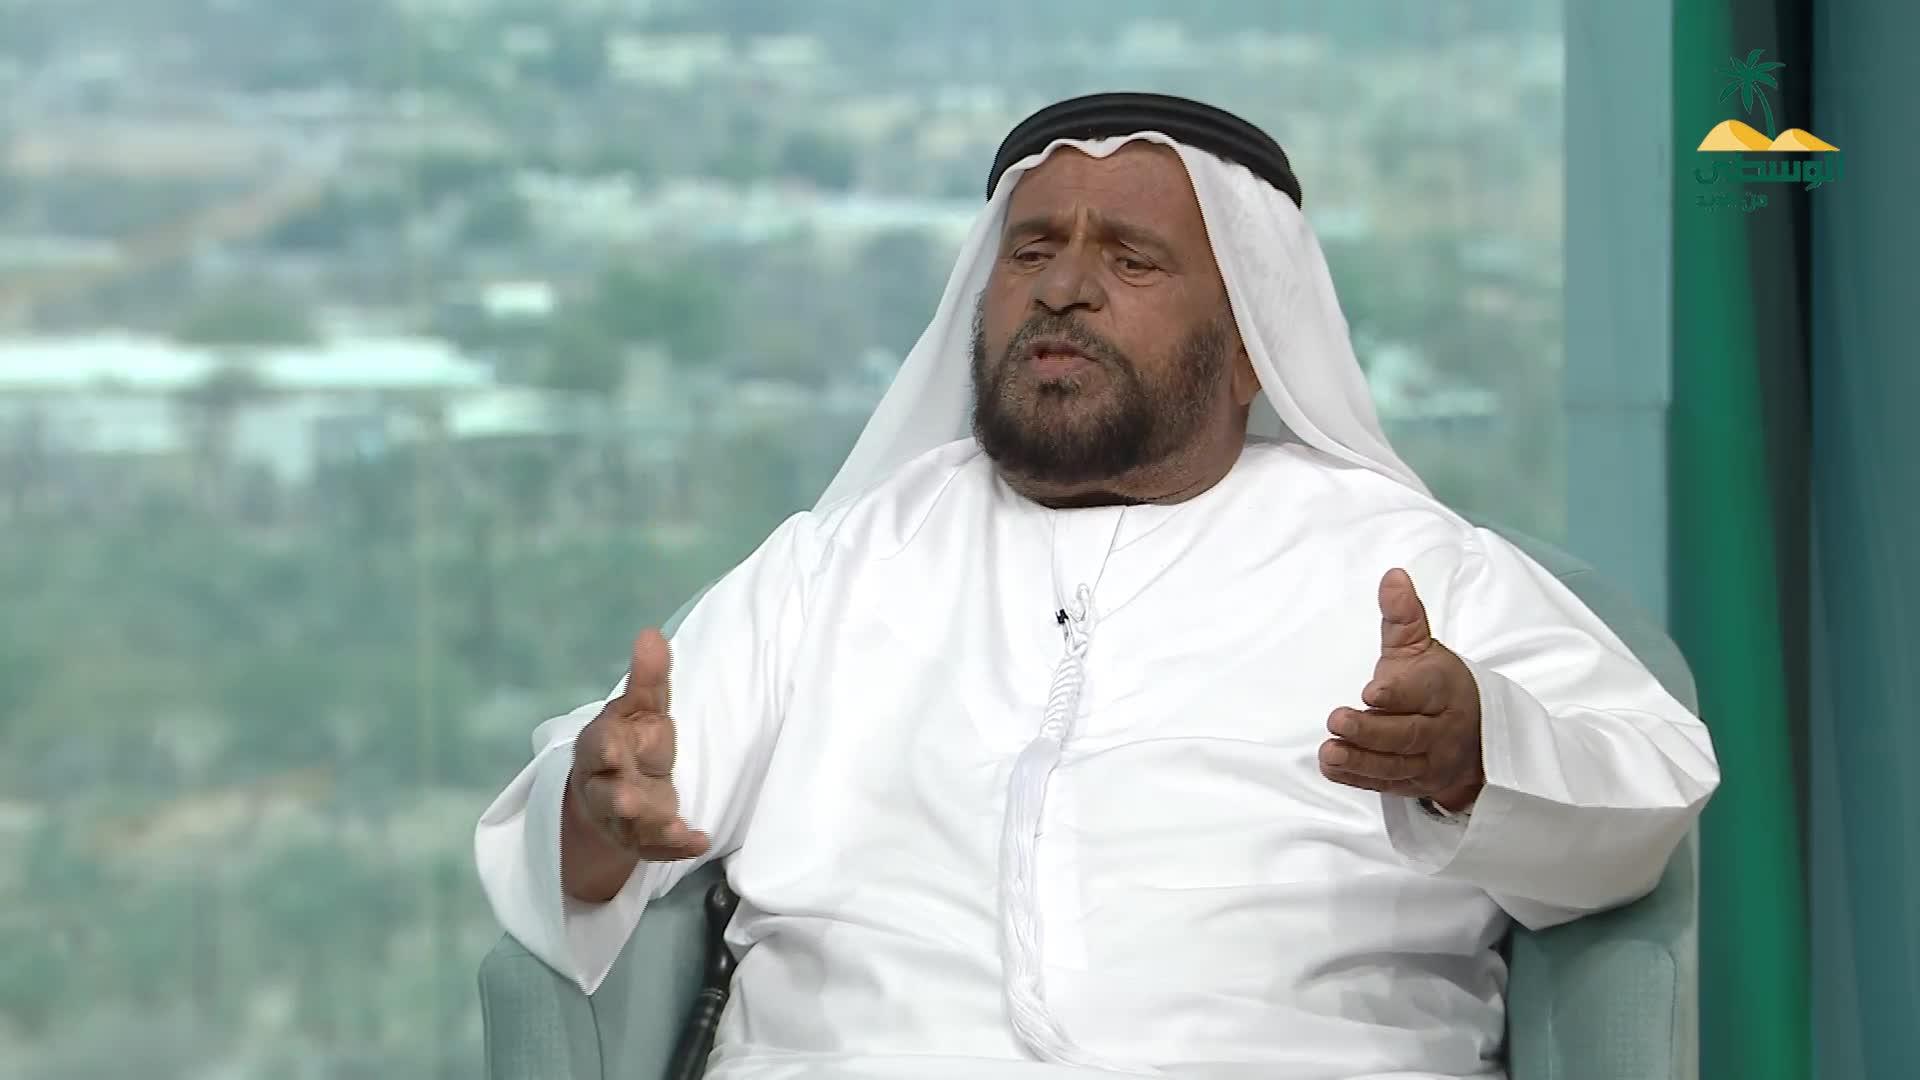 يوميات الوسطى - سالم بن معدن الكتبي- محمد بابا حامد